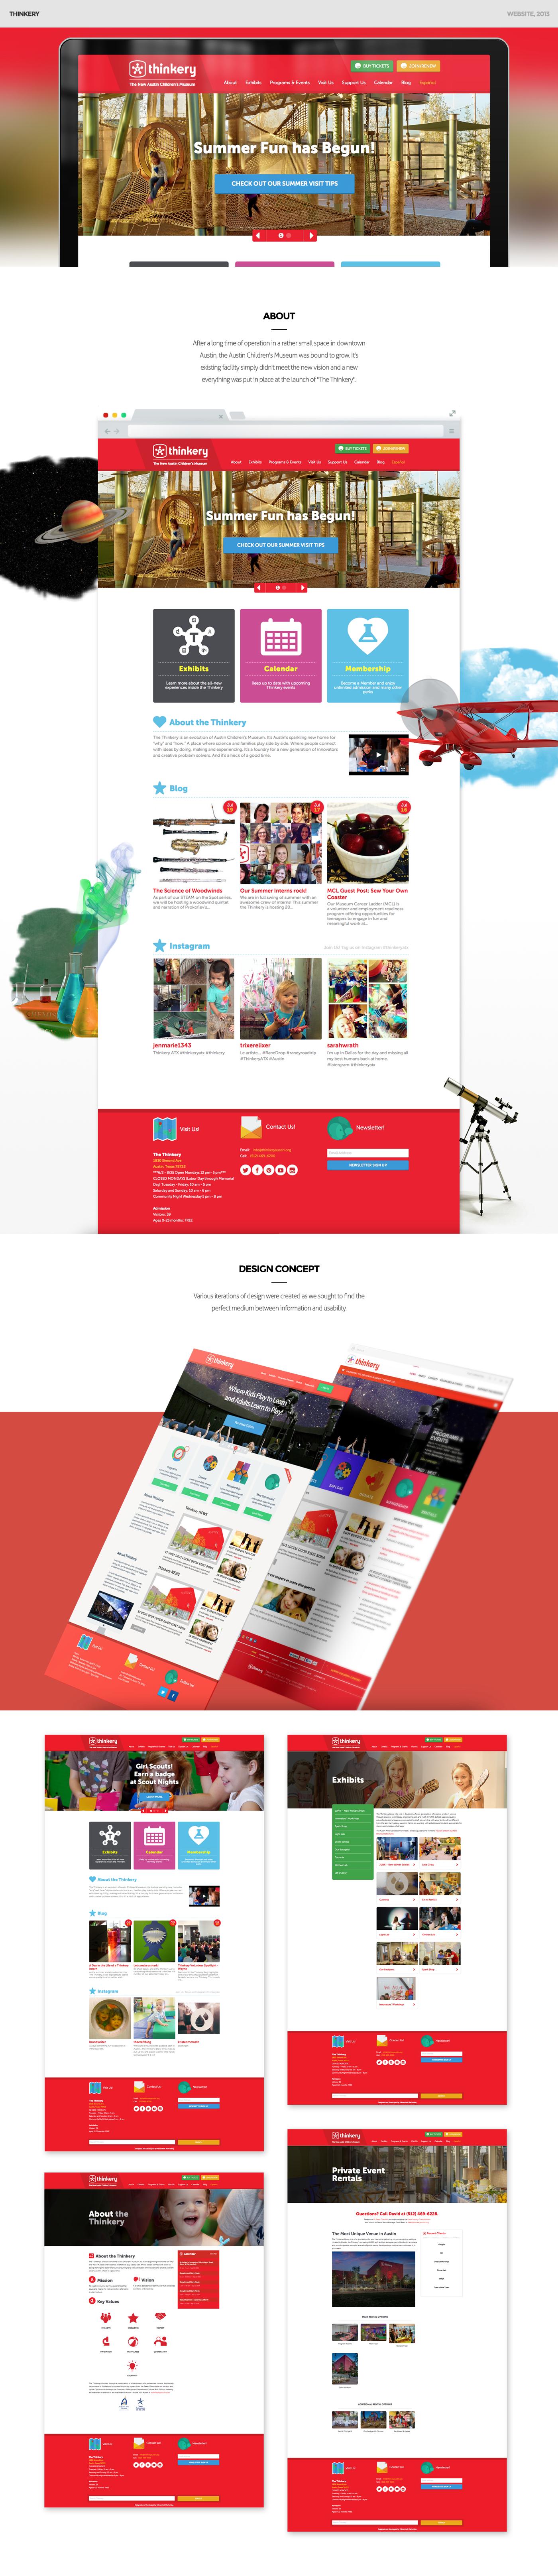 museum website children's Website design